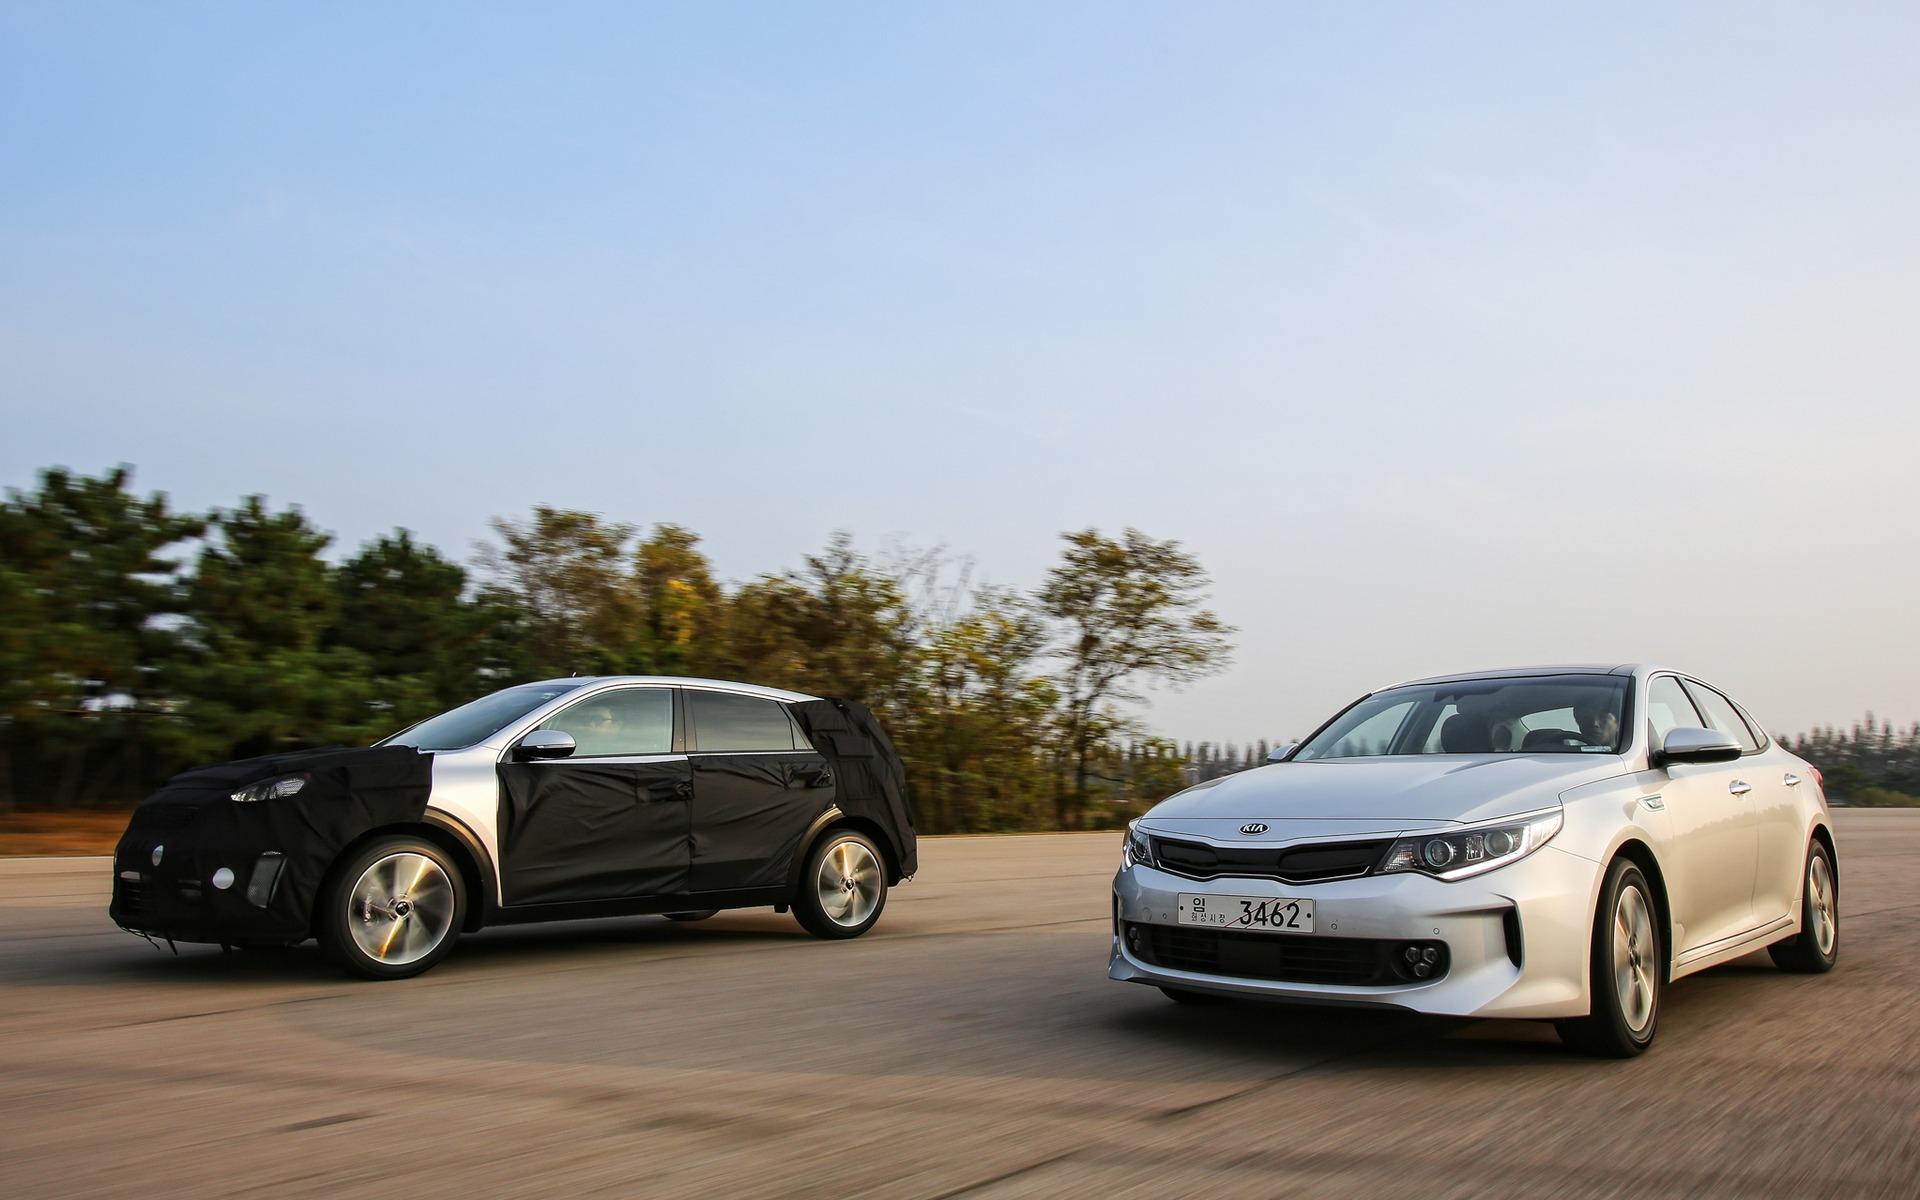 Kia Optima Hybrid 2016 et Kia Optima hybride branchable (PHEV) 2016